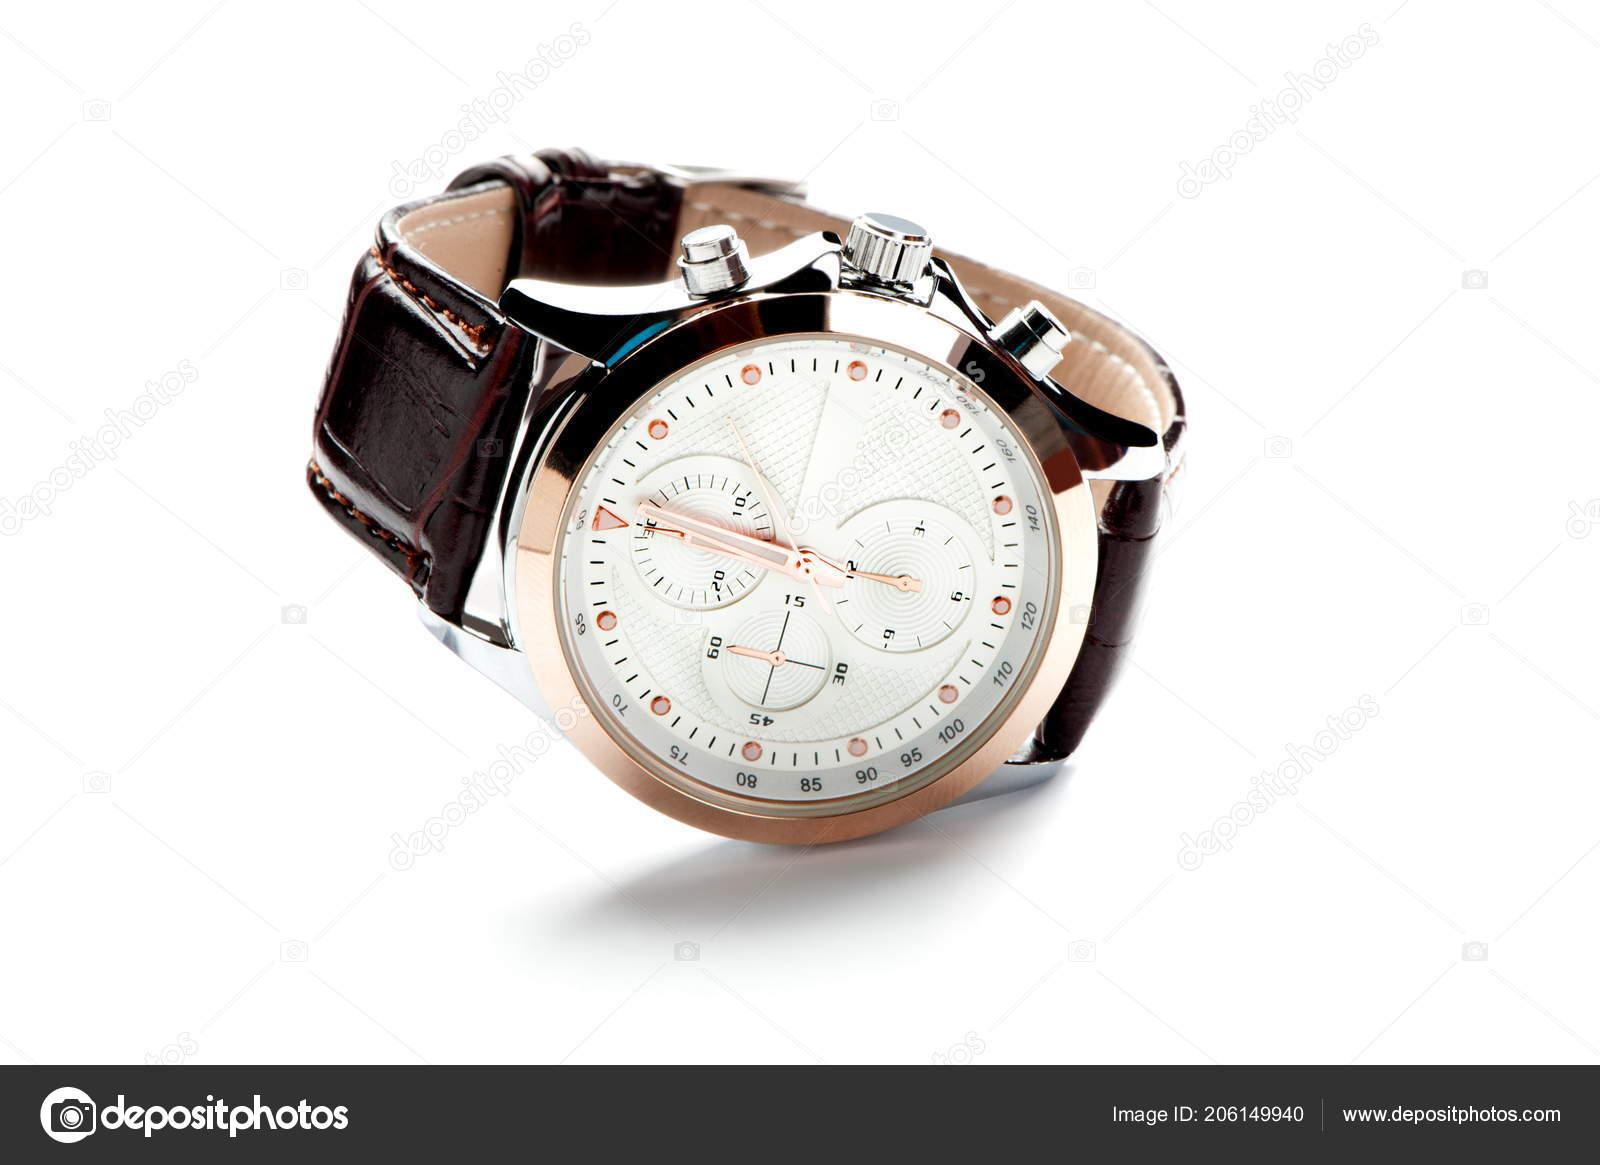 Sur Montre Cuir Fond Homme Avec Bracelet Blanc Cadran Isolé f6gYb7yv